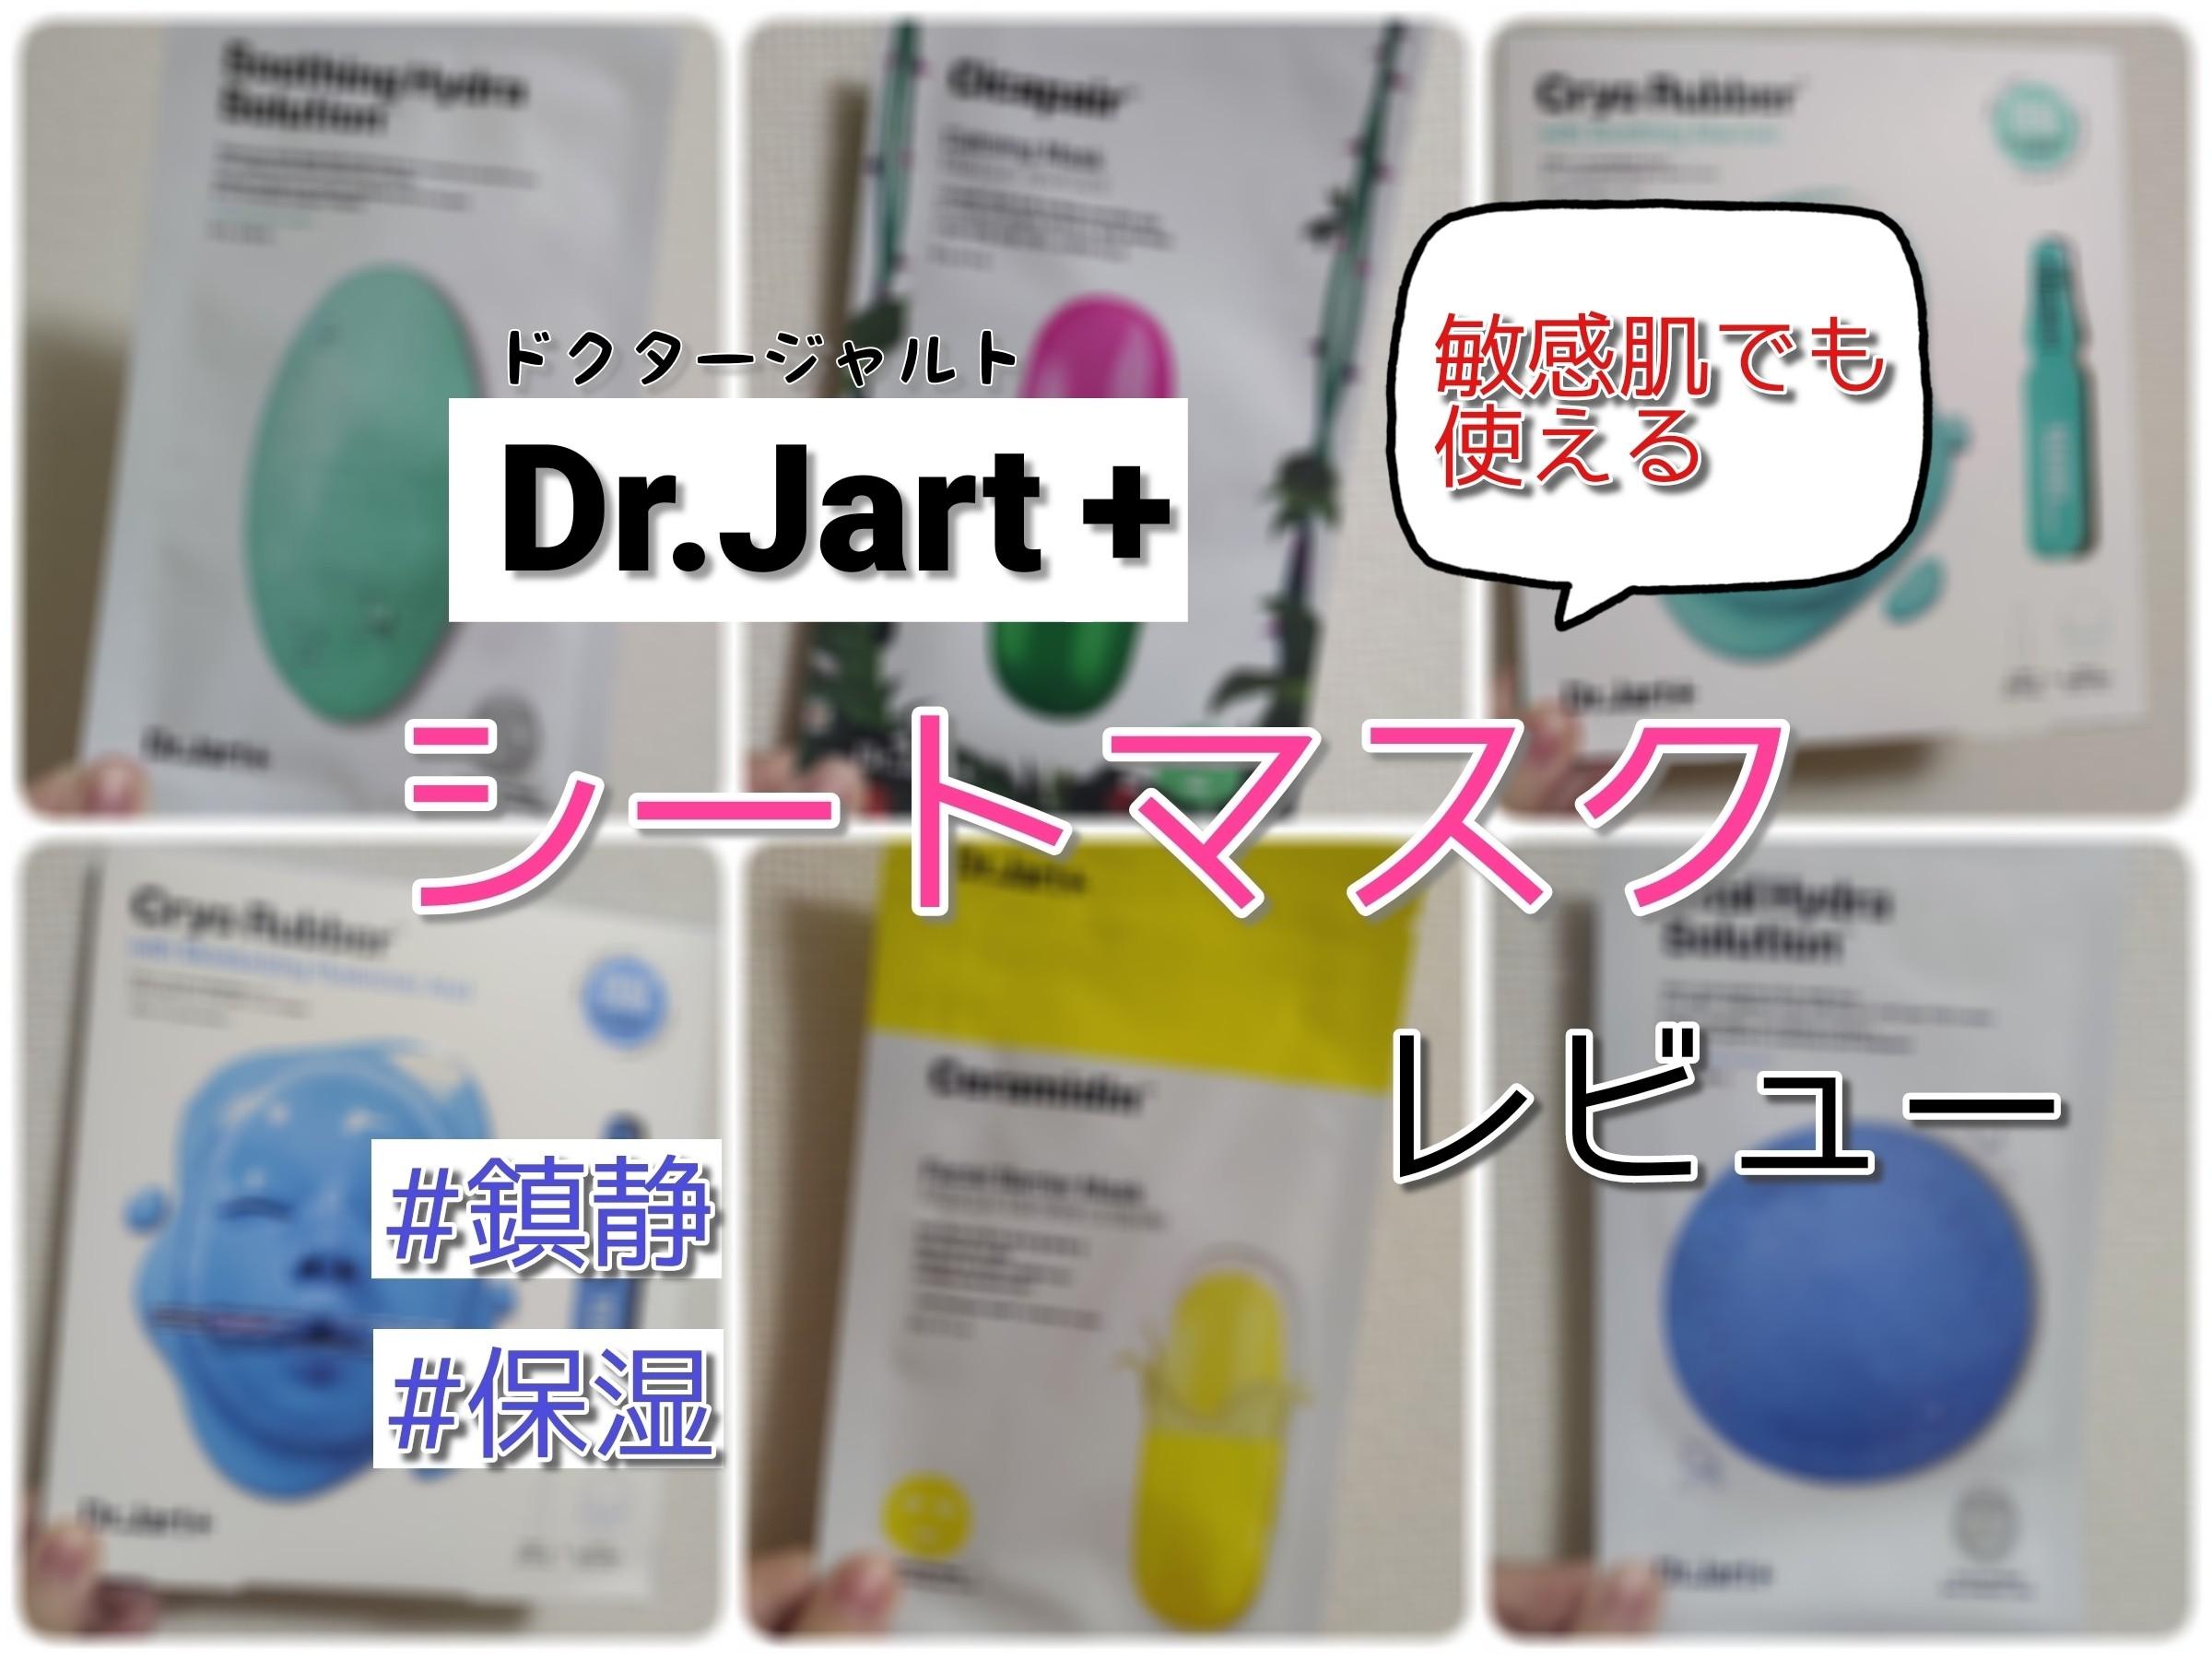 ドクタージャルトの鎮静・保湿シートマスク6種を敏感肌がレビュー&ランキング